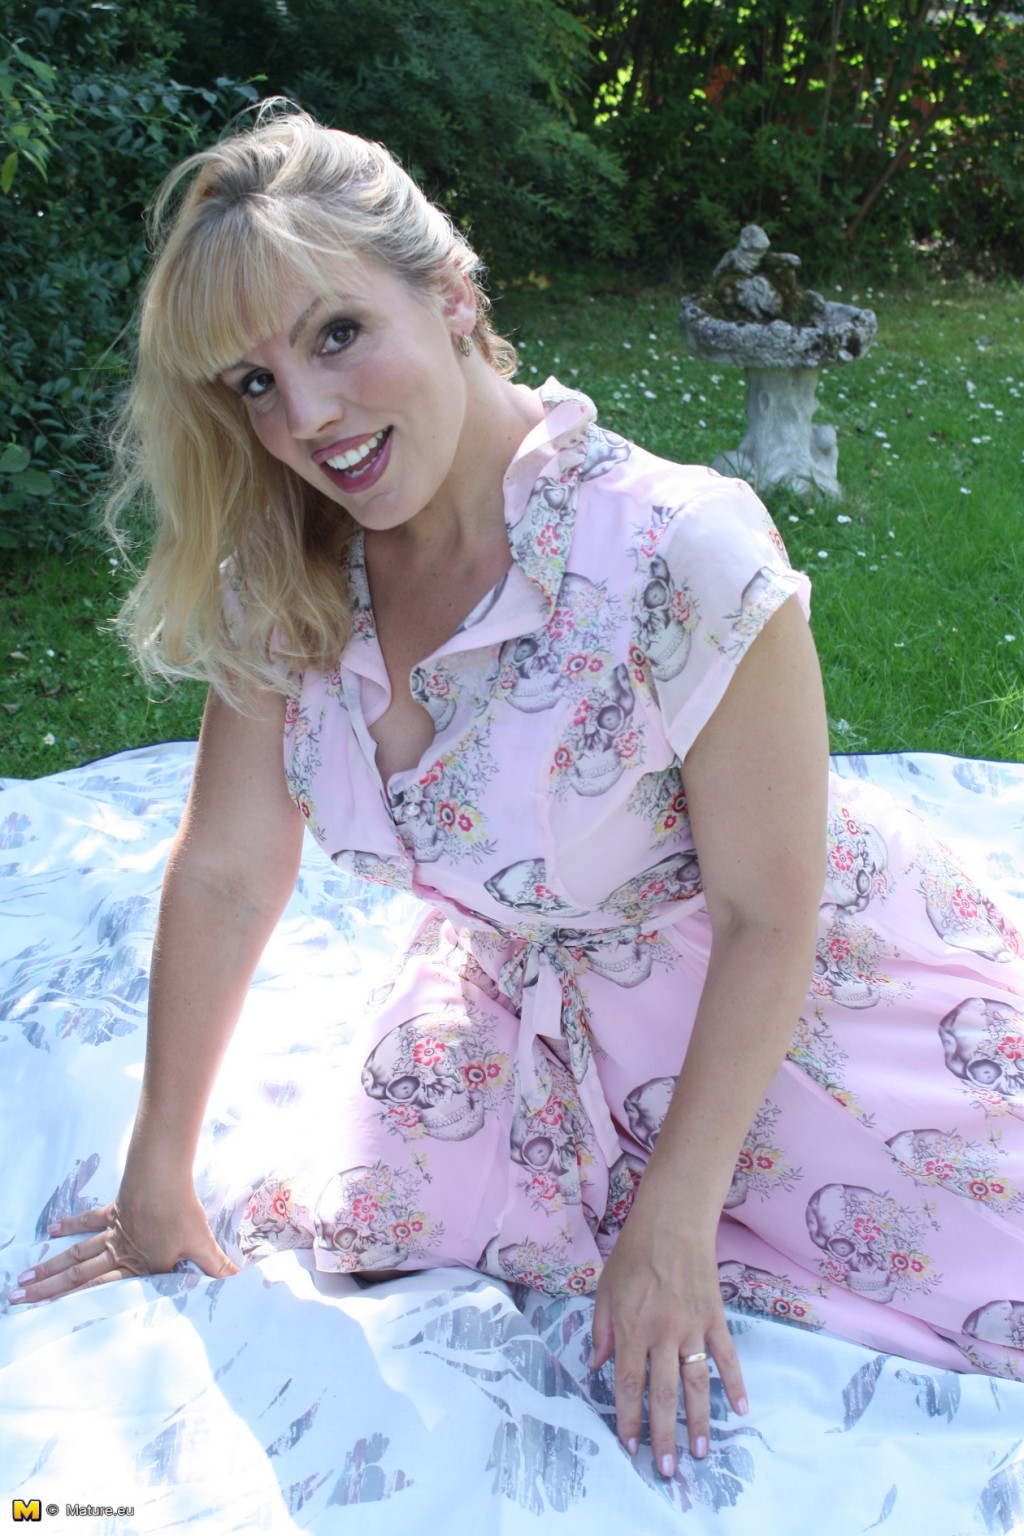 Сексуальная британская красотка показывает свое сексуальное тело, пользуясь опытом